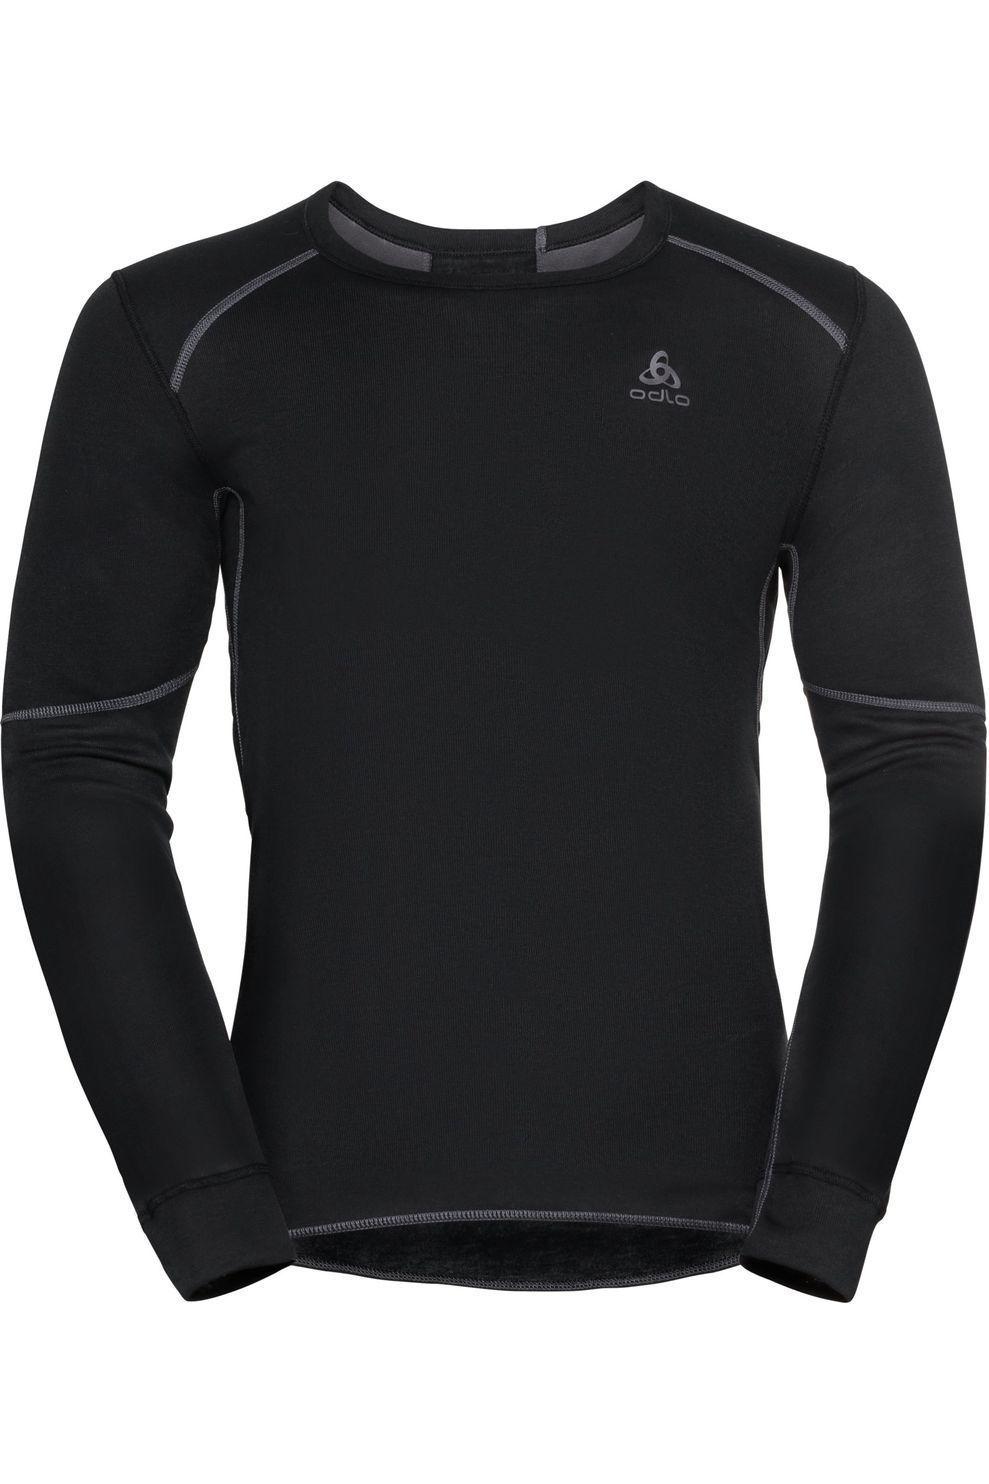 Odlo Ondergoed Active X-Warm Eco voor heren - Zwart - Maten: S, M, L, XL, XXL